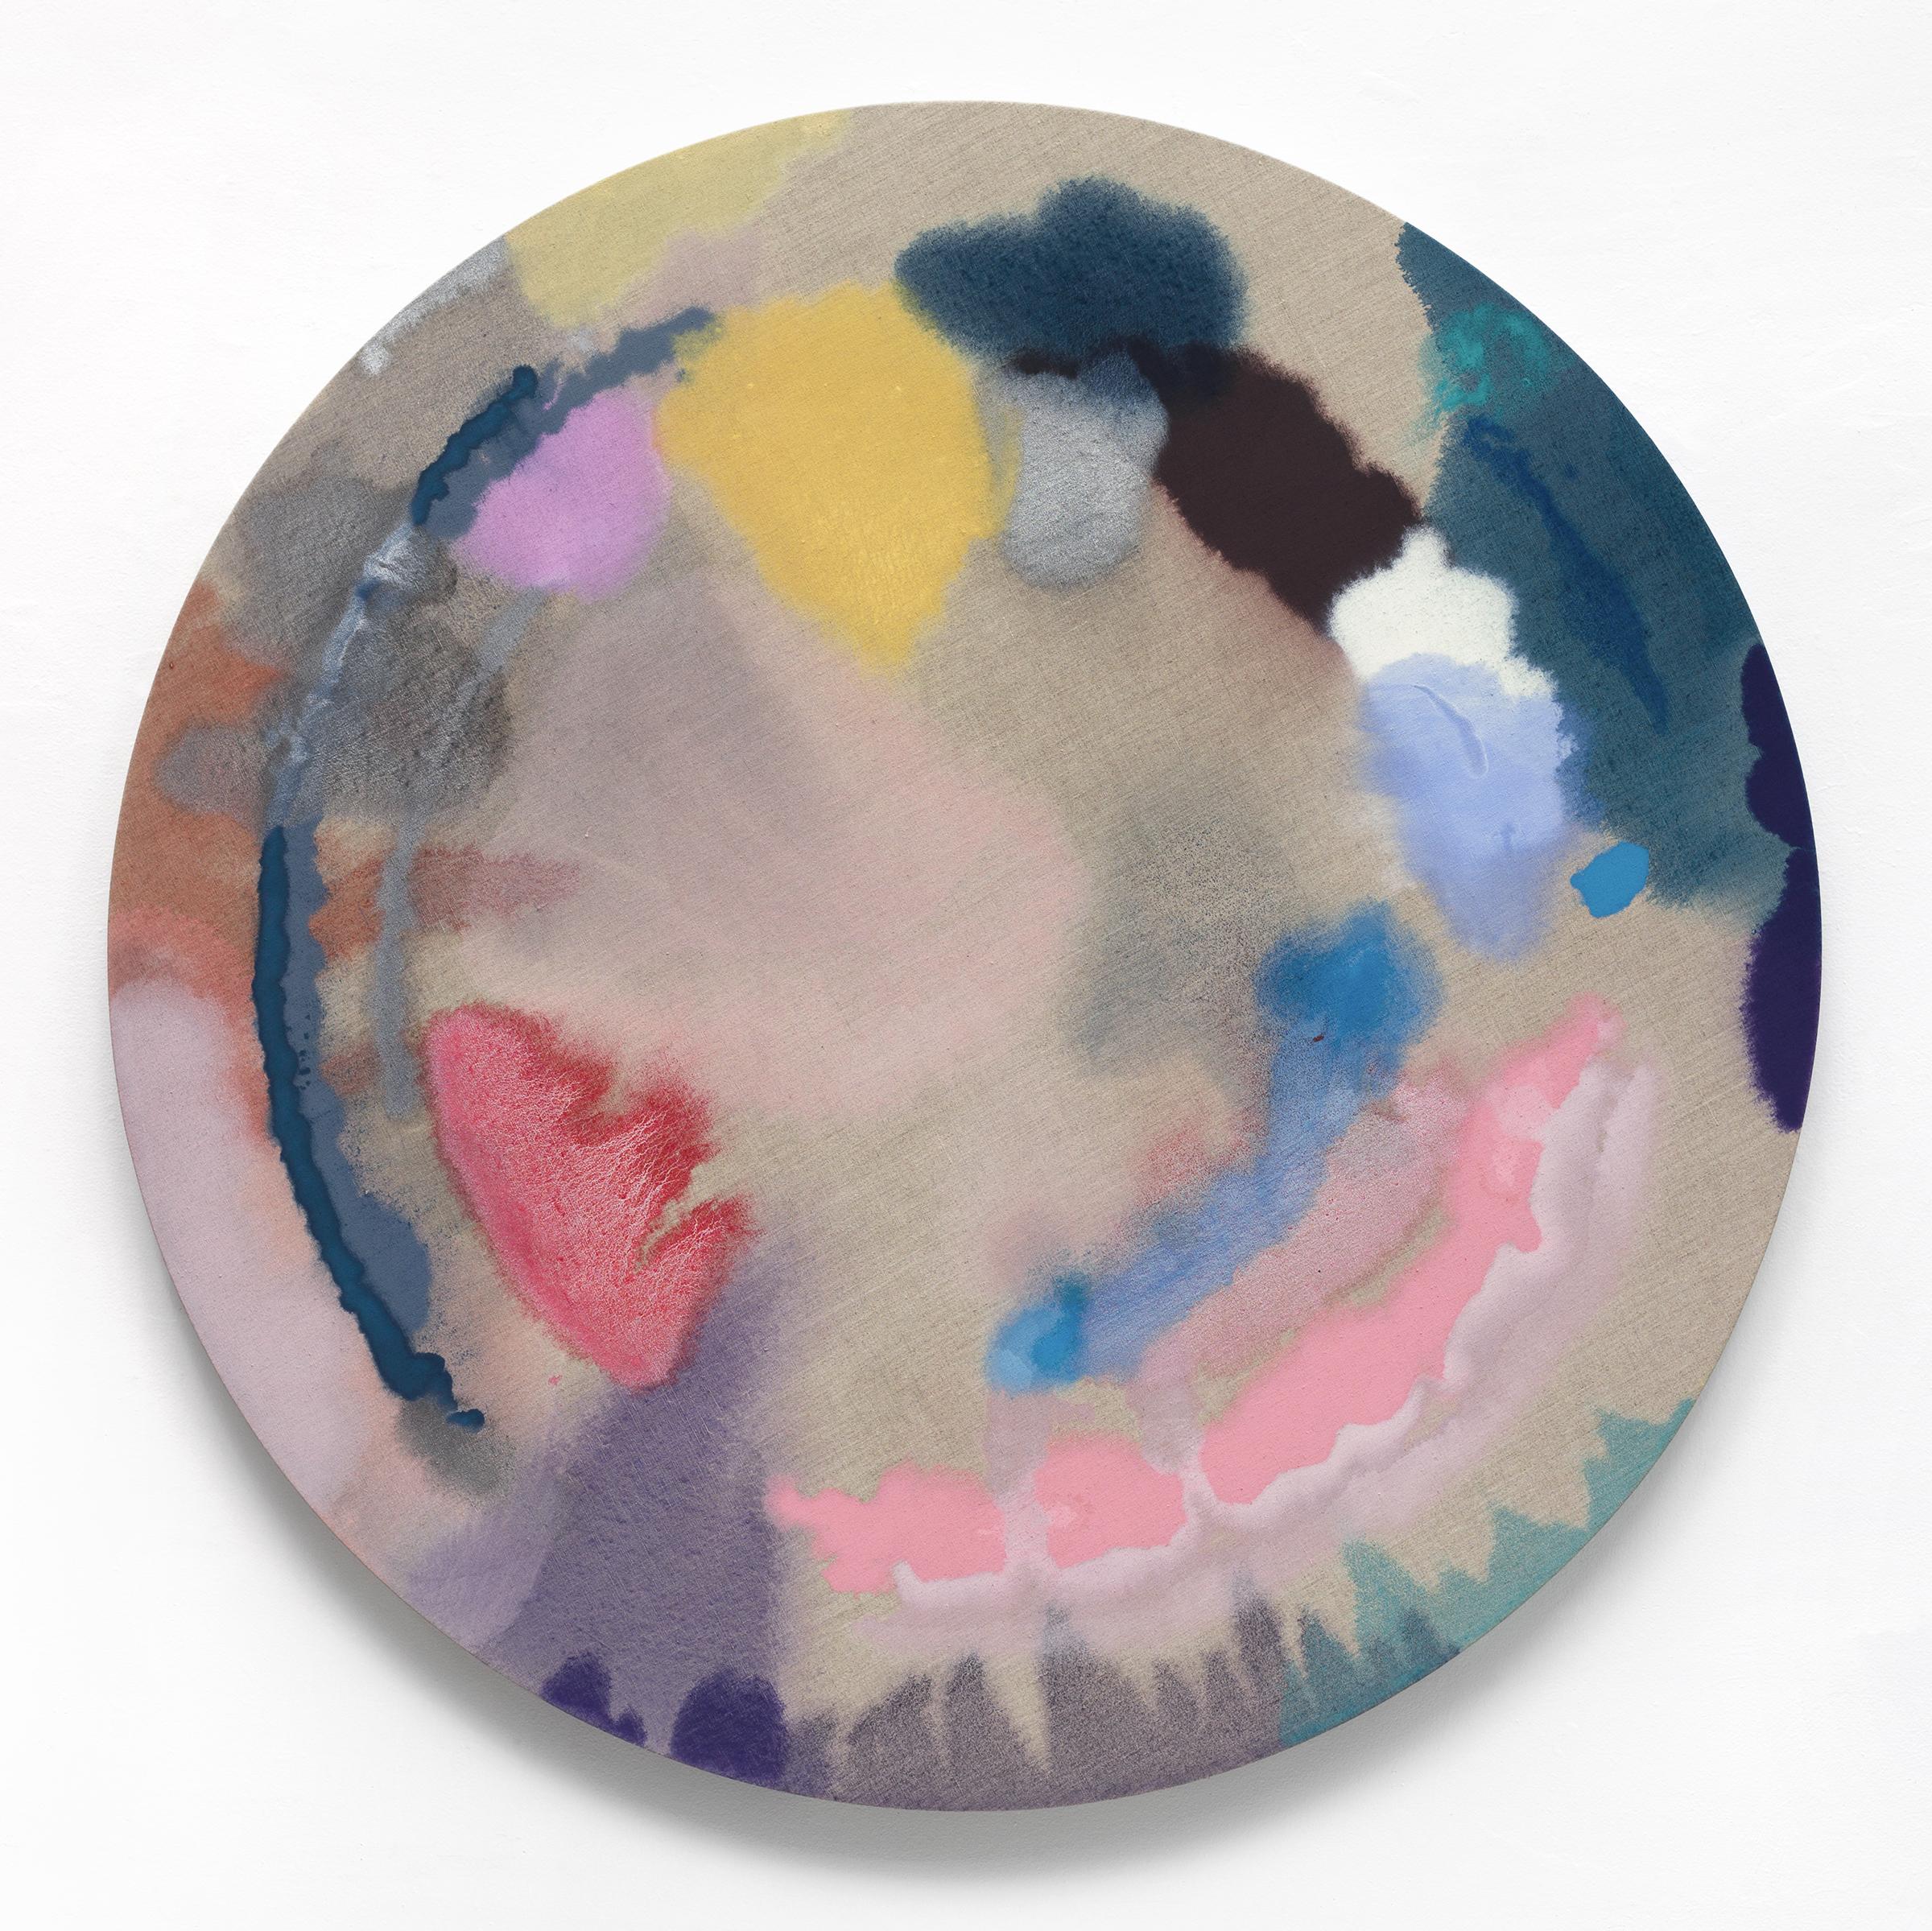 """PAMELA JORDEN Pink Lake, 2018 Oil on linen, 48"""" diameter"""